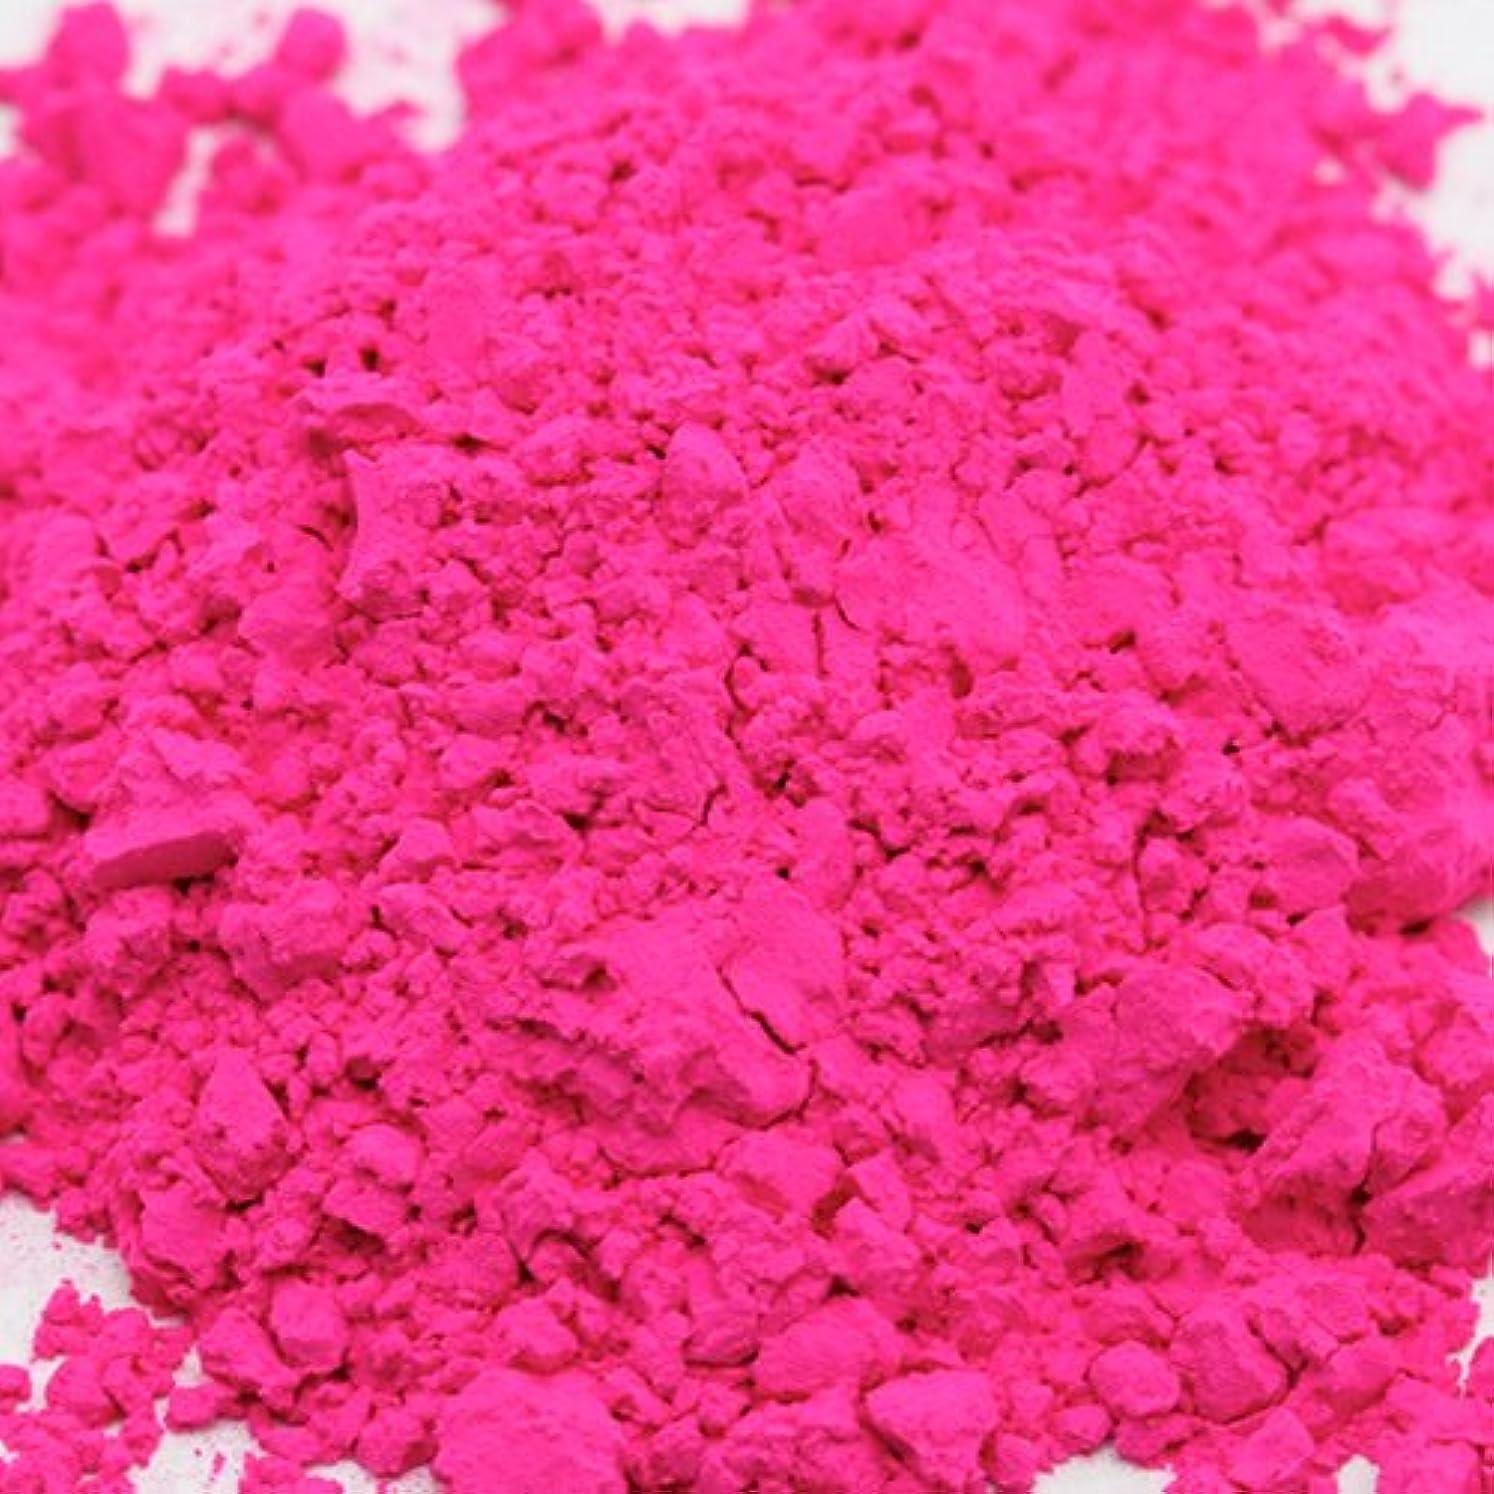 ハーフカンガルー関係ないキャンディカラー ピンク 5g 【手作り石鹸/手作りコスメ/色付け/カラーラント】